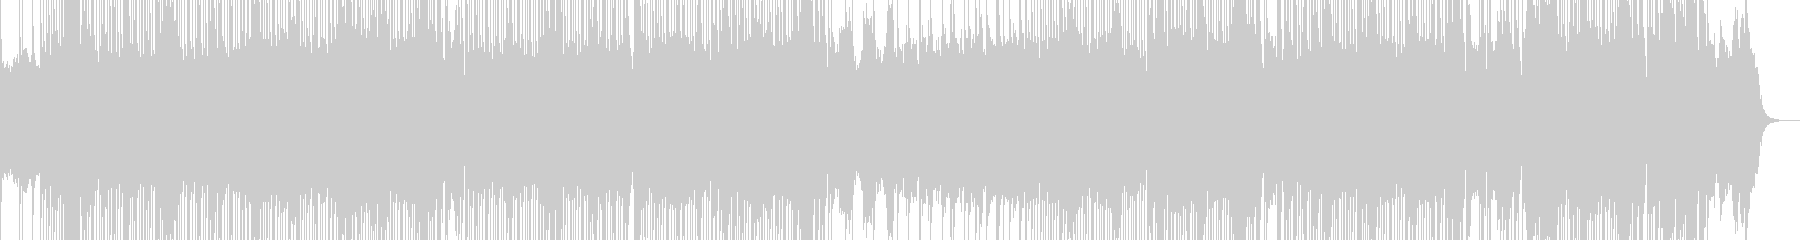 ツインギターうなるハードロックインスト2の未再生の波形